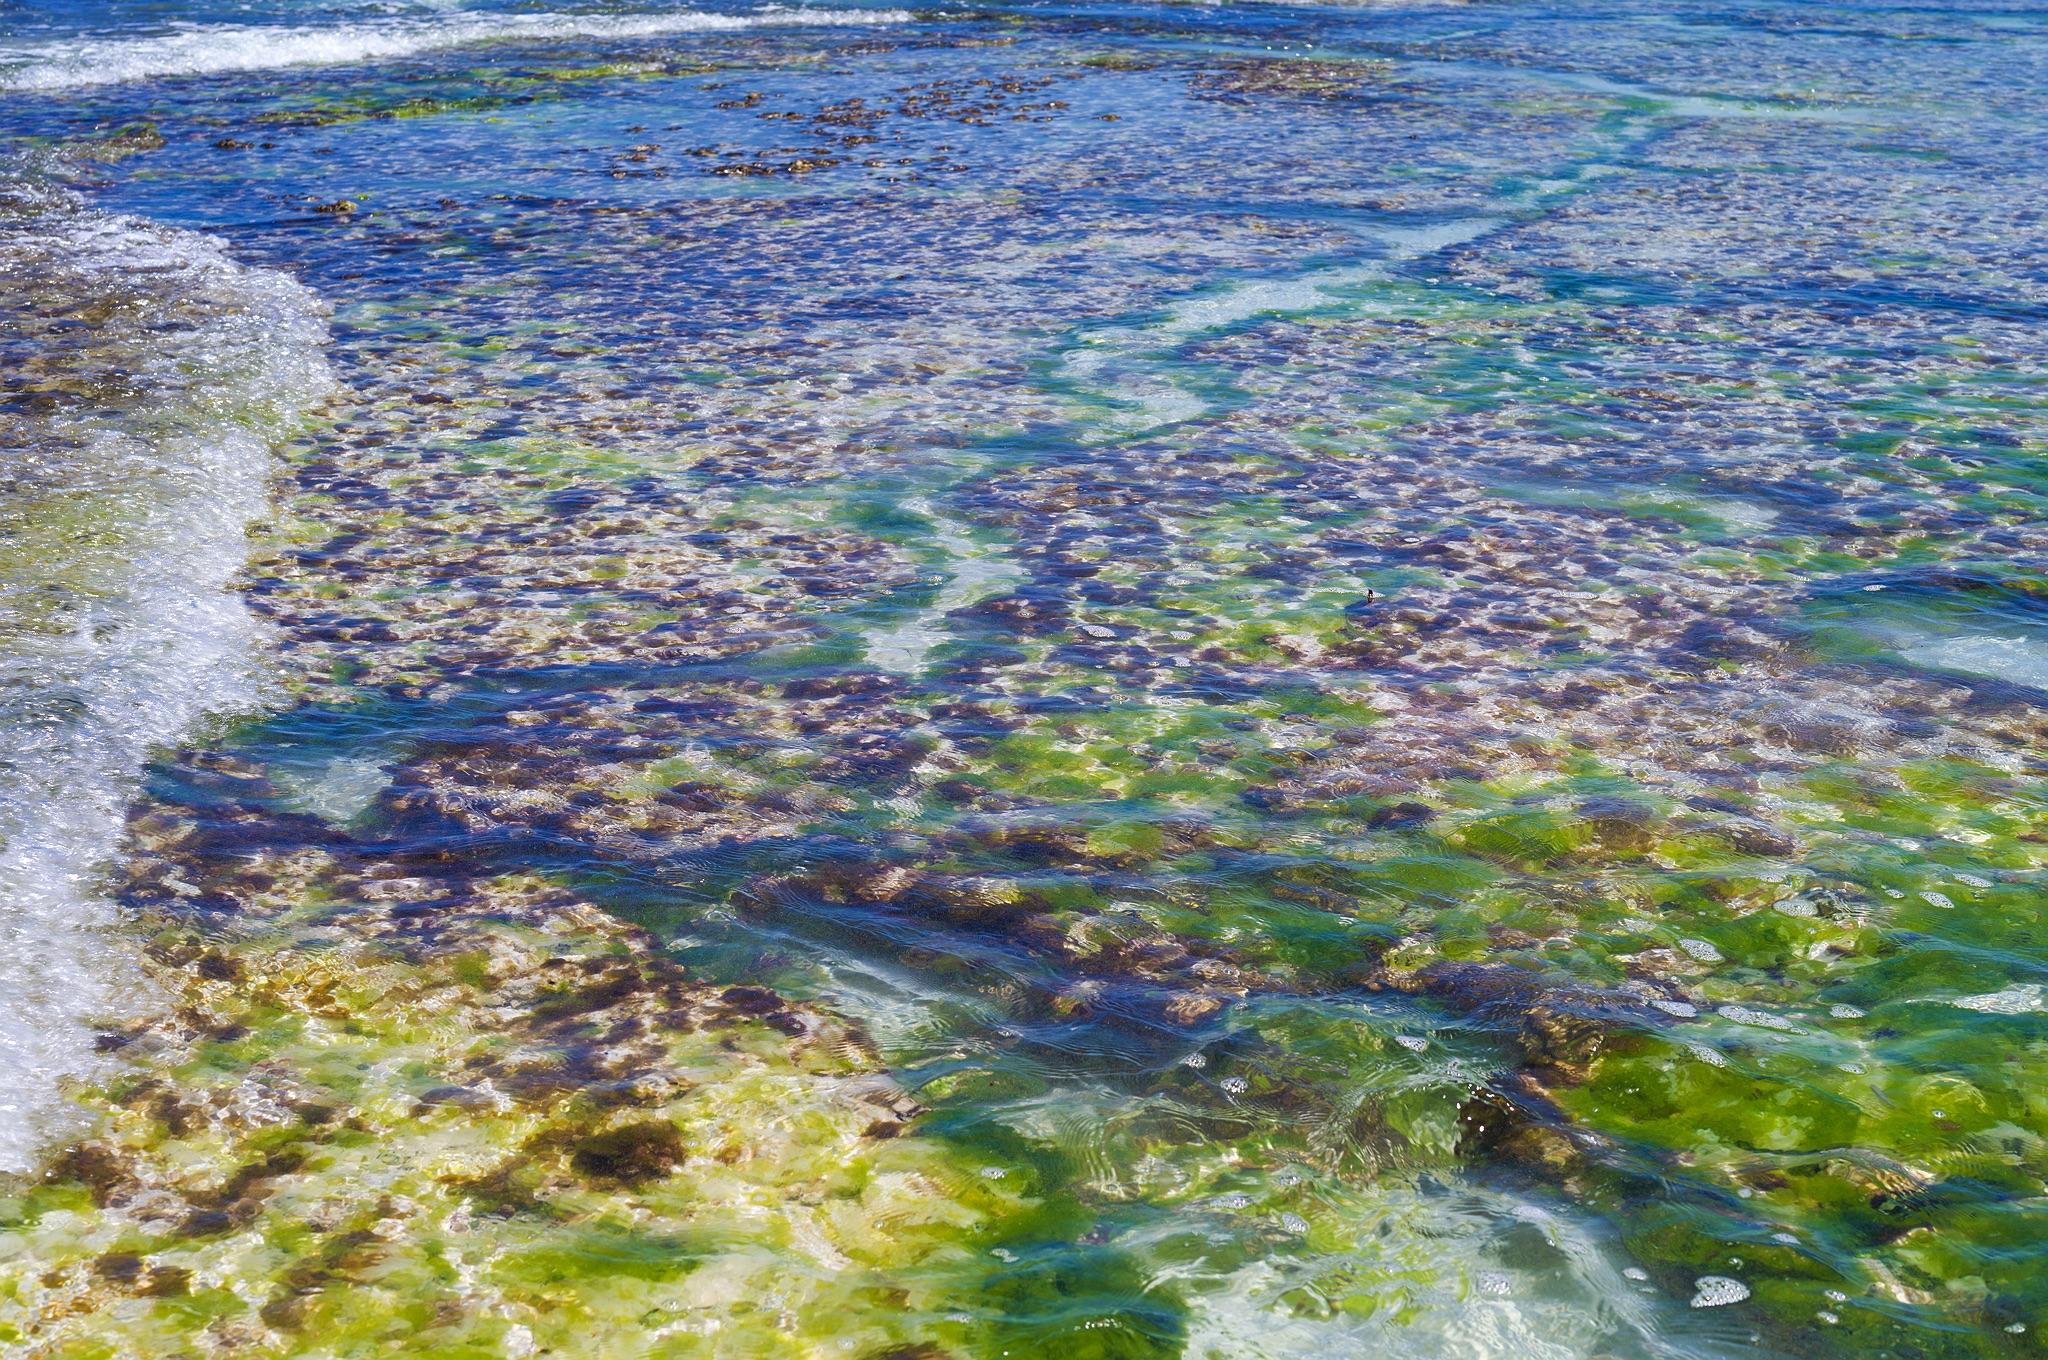 mullaloo_beach_perth_07